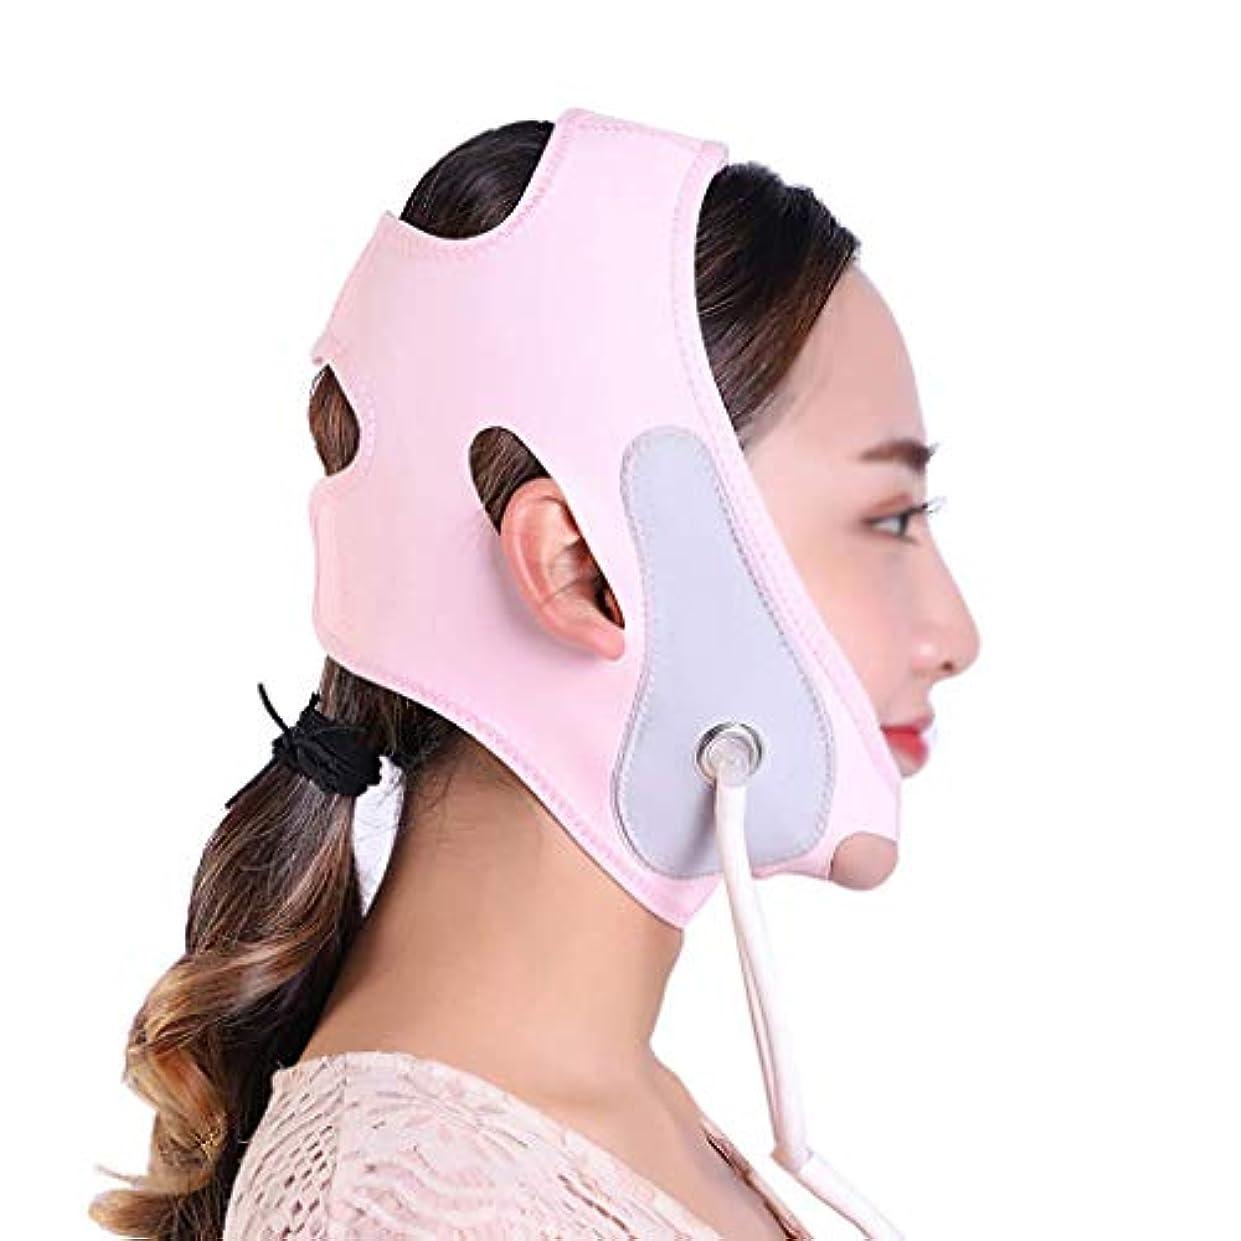 る導出最少顔と首のリフト後伸縮性スリーブシンフェイスマスク引き締め肌の改善マッサージリフティング収縮シンフェイス弾性包帯Vフェイスアーティファクト